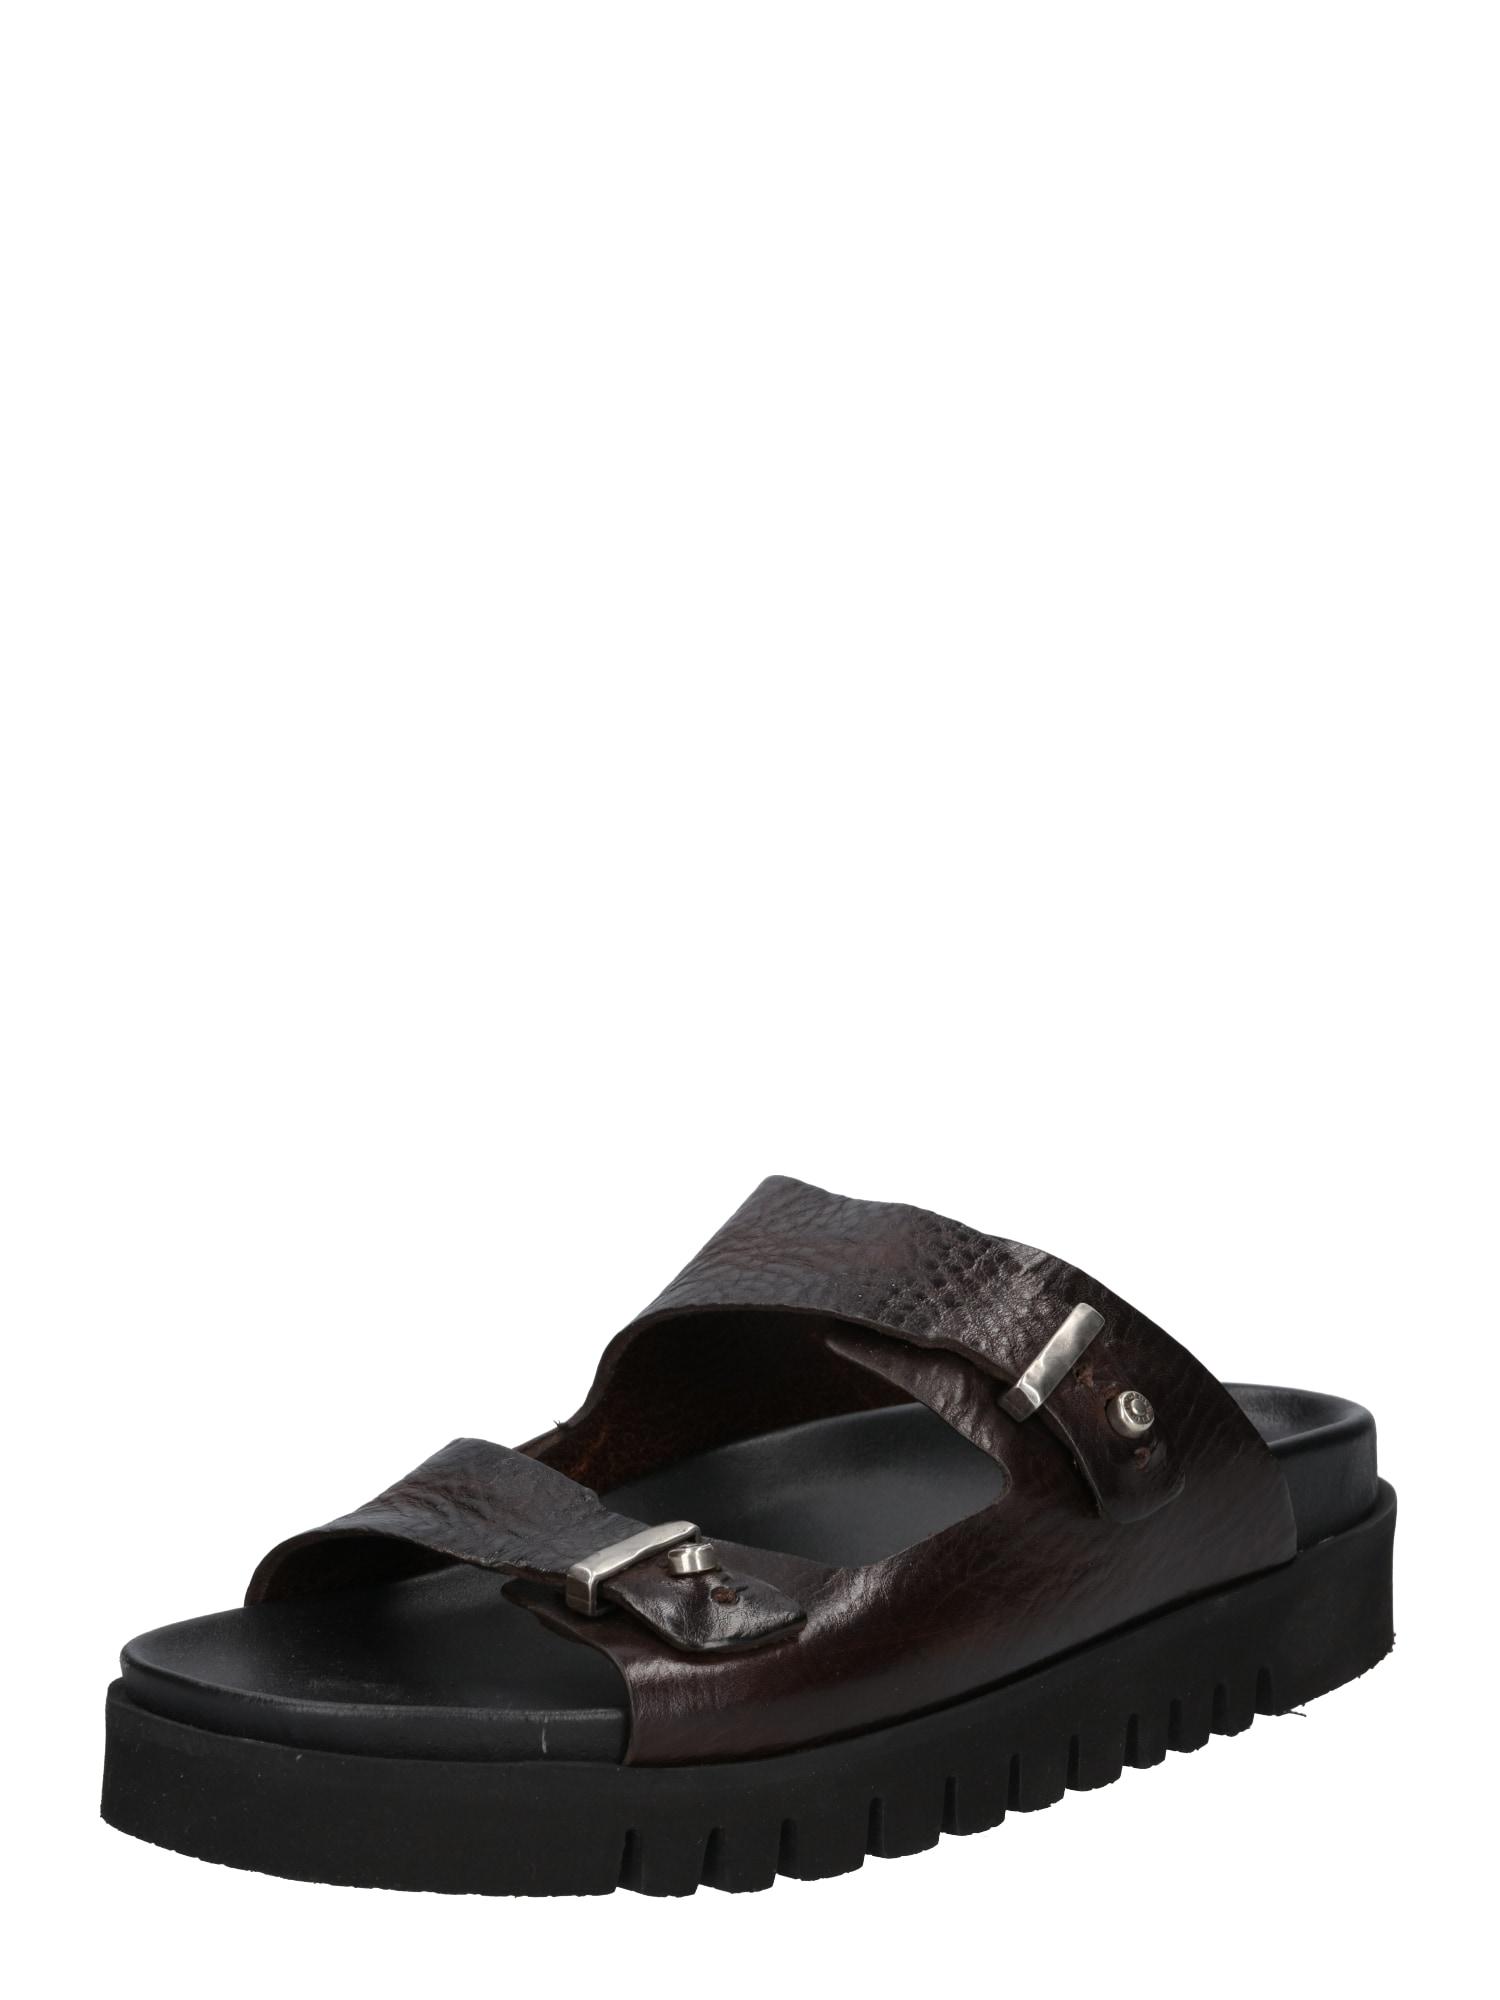 Sandály AMPLIFY černá A.S.98